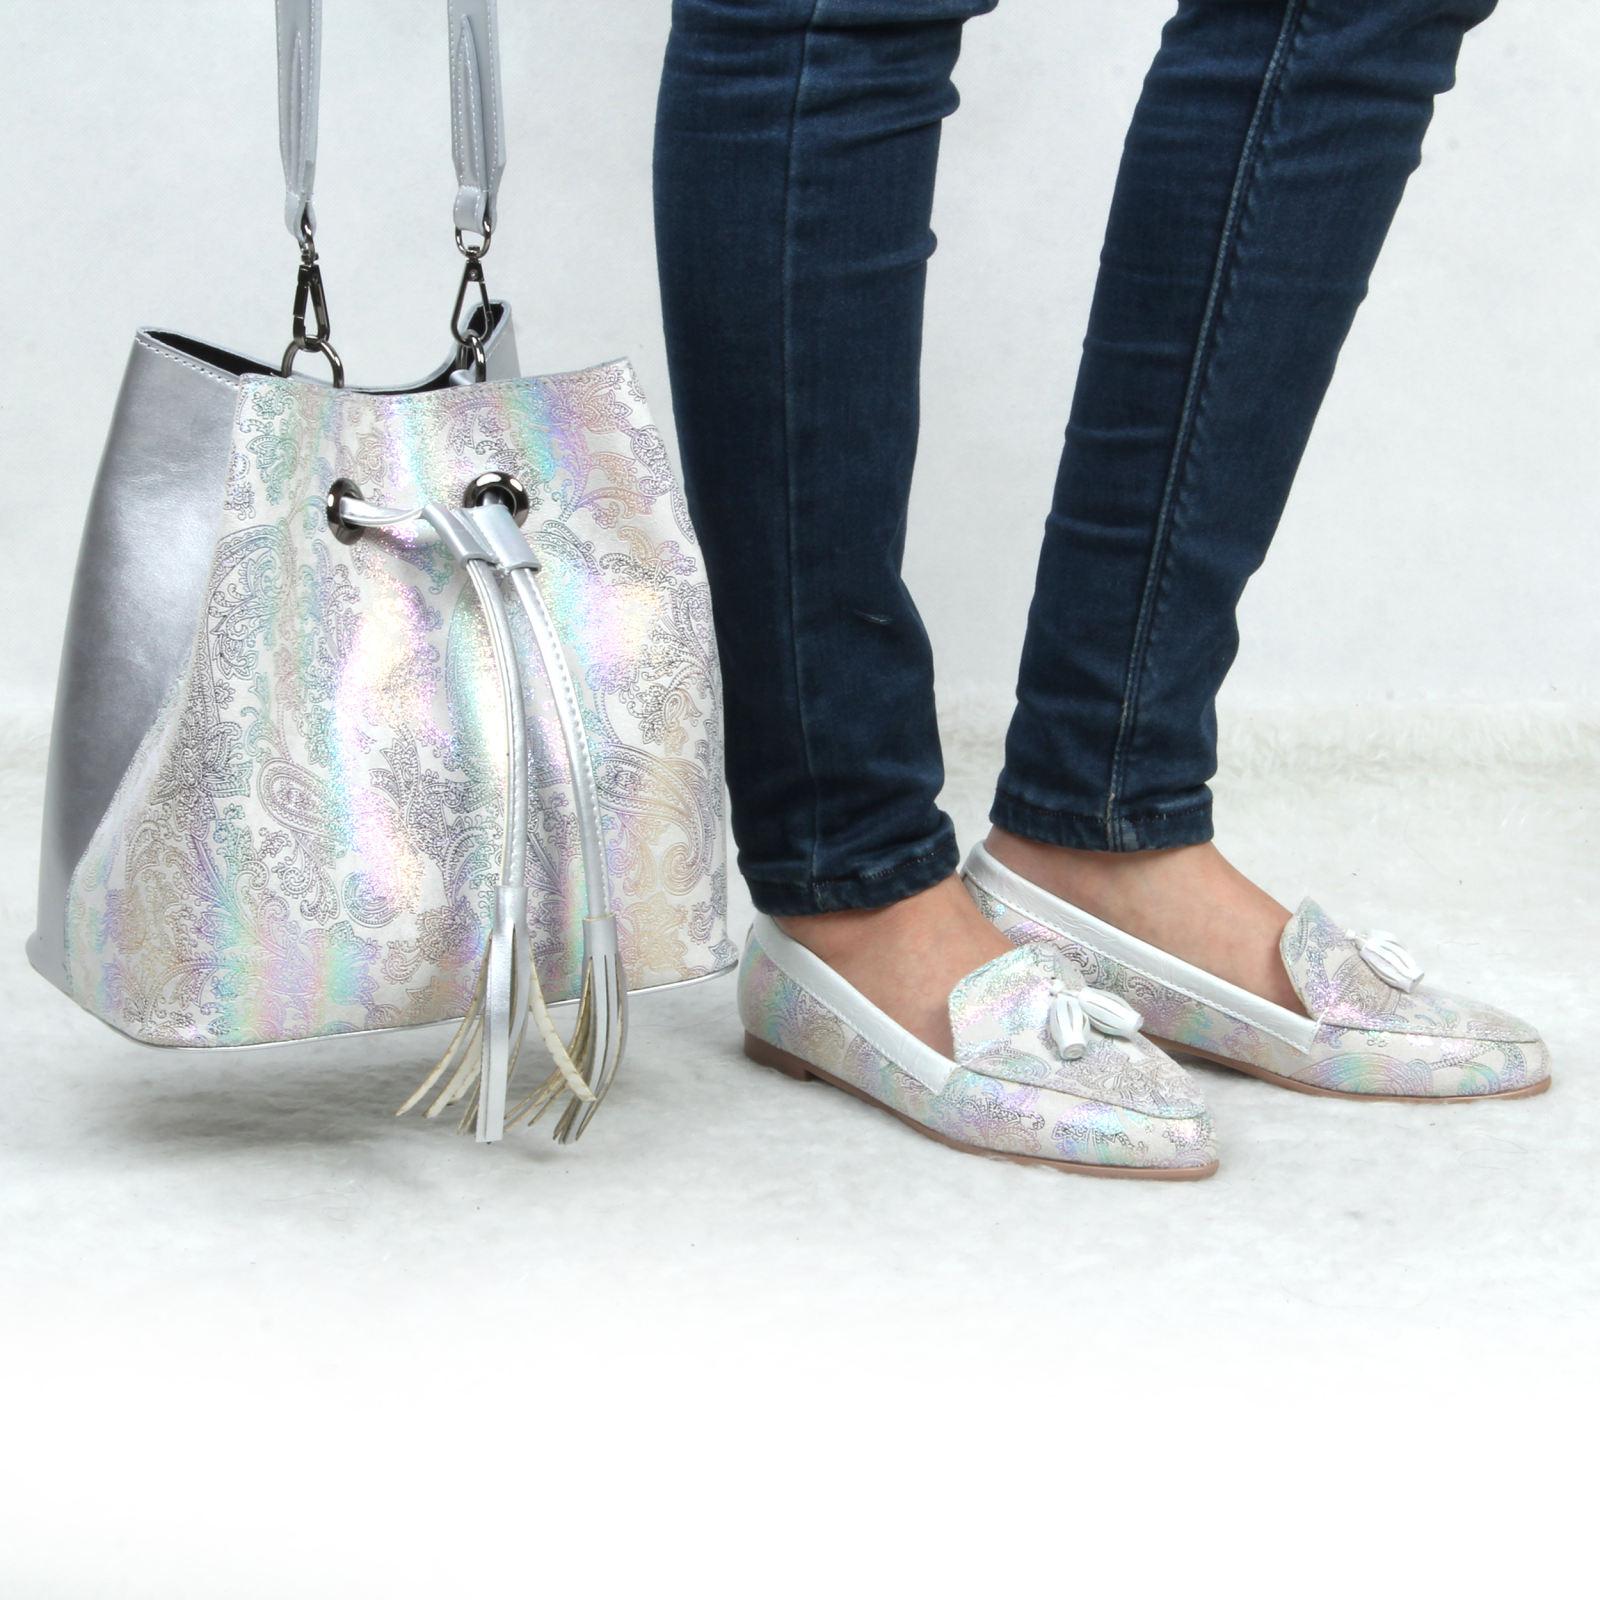 ست کیف و کفش زنانه کد st214 main 1 12